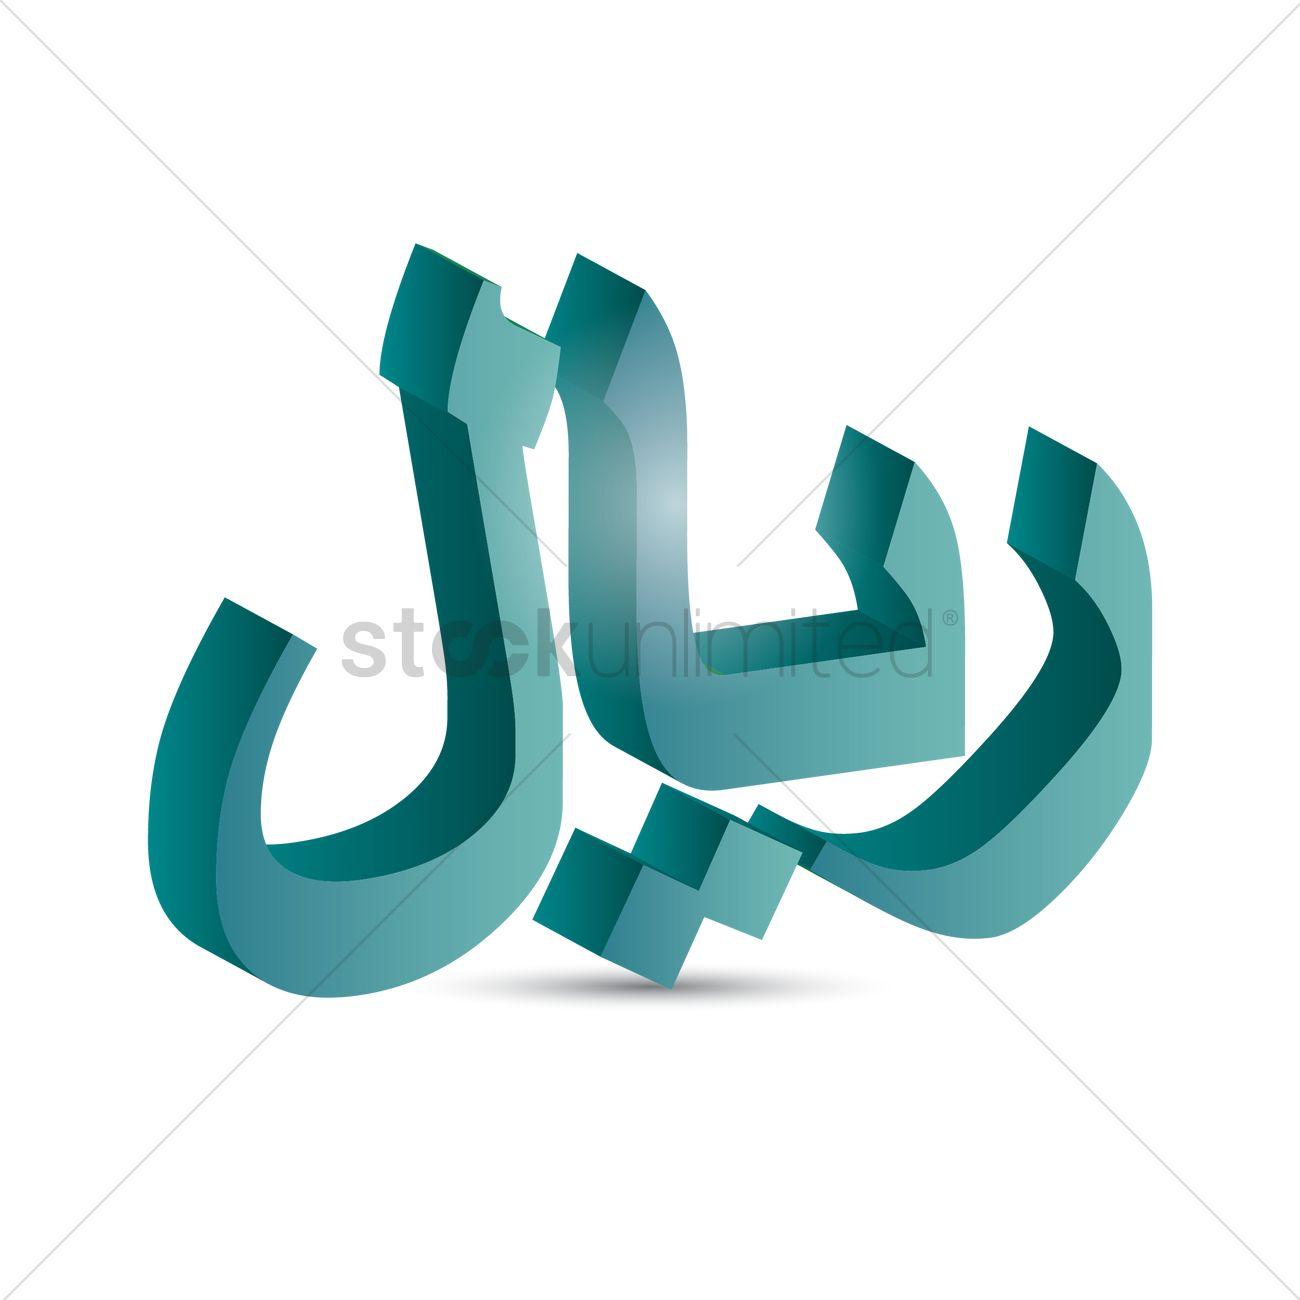 Design designs symbol symbols geometry geometries currency sauri riyal symbol biocorpaavc Gallery